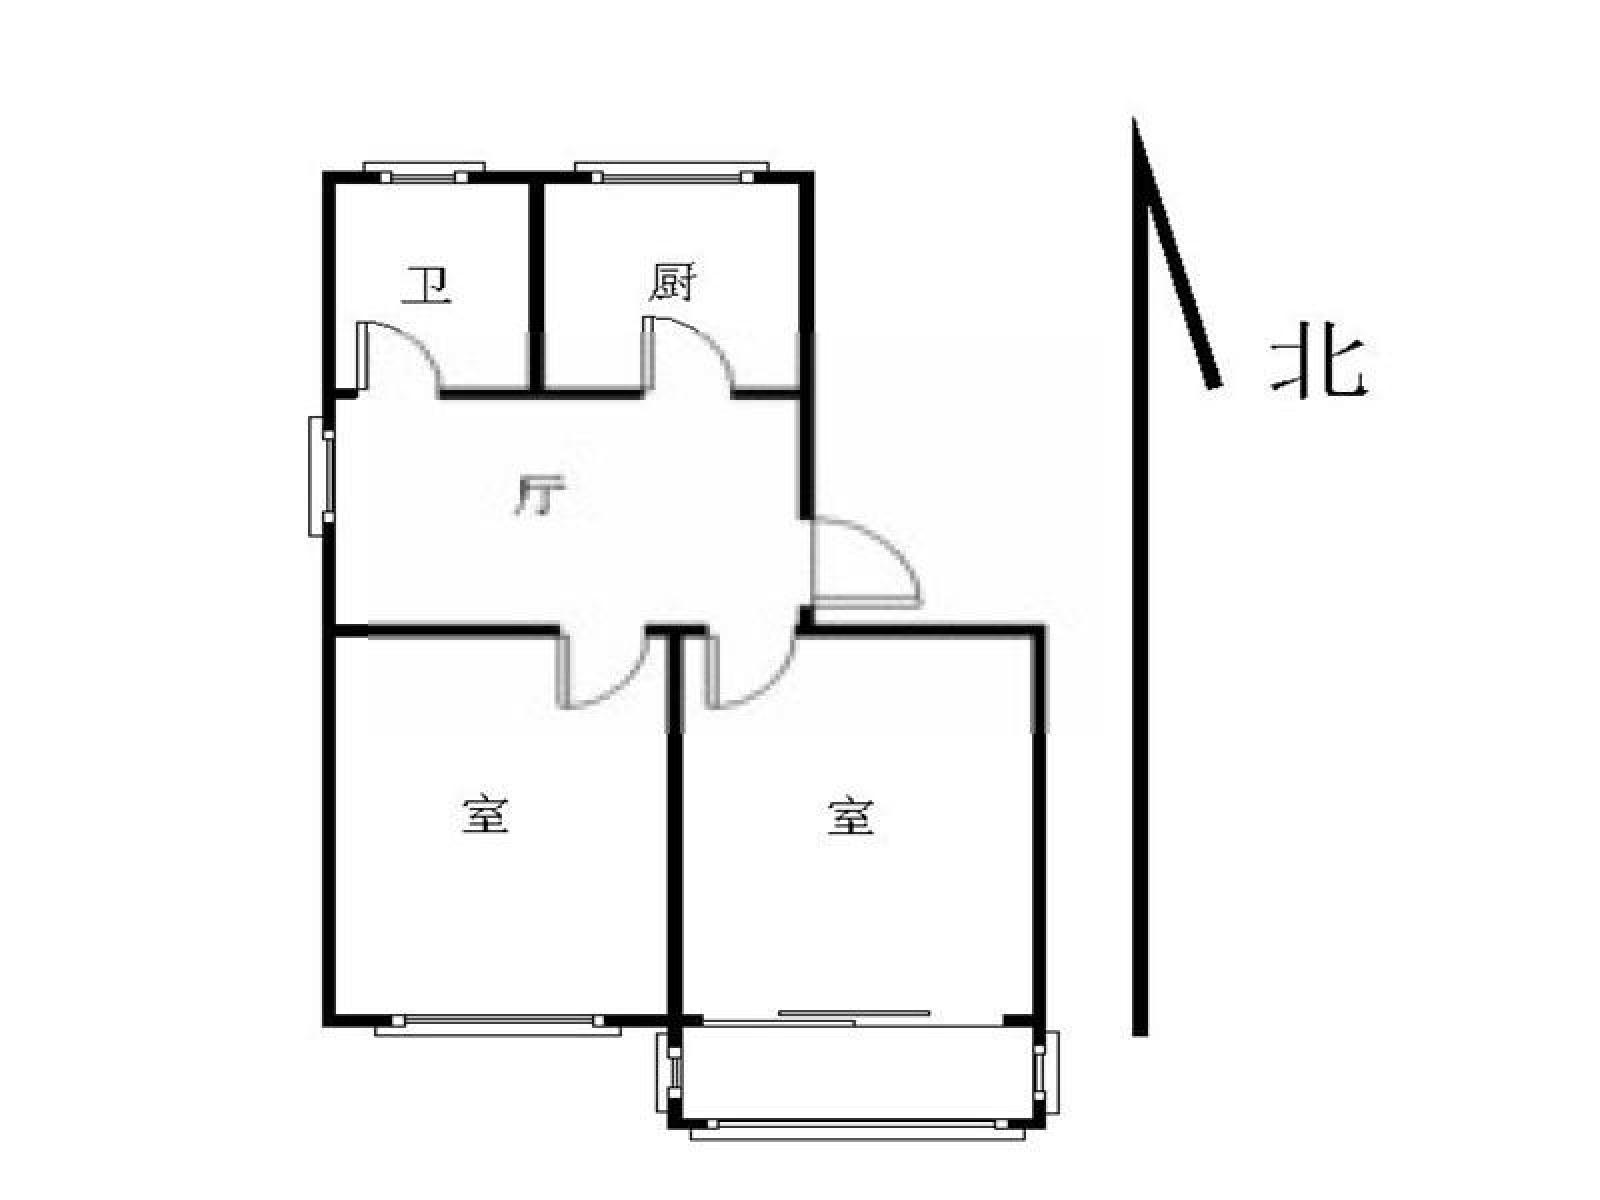 鼓楼区小市复地新都国际2室2厅户型图